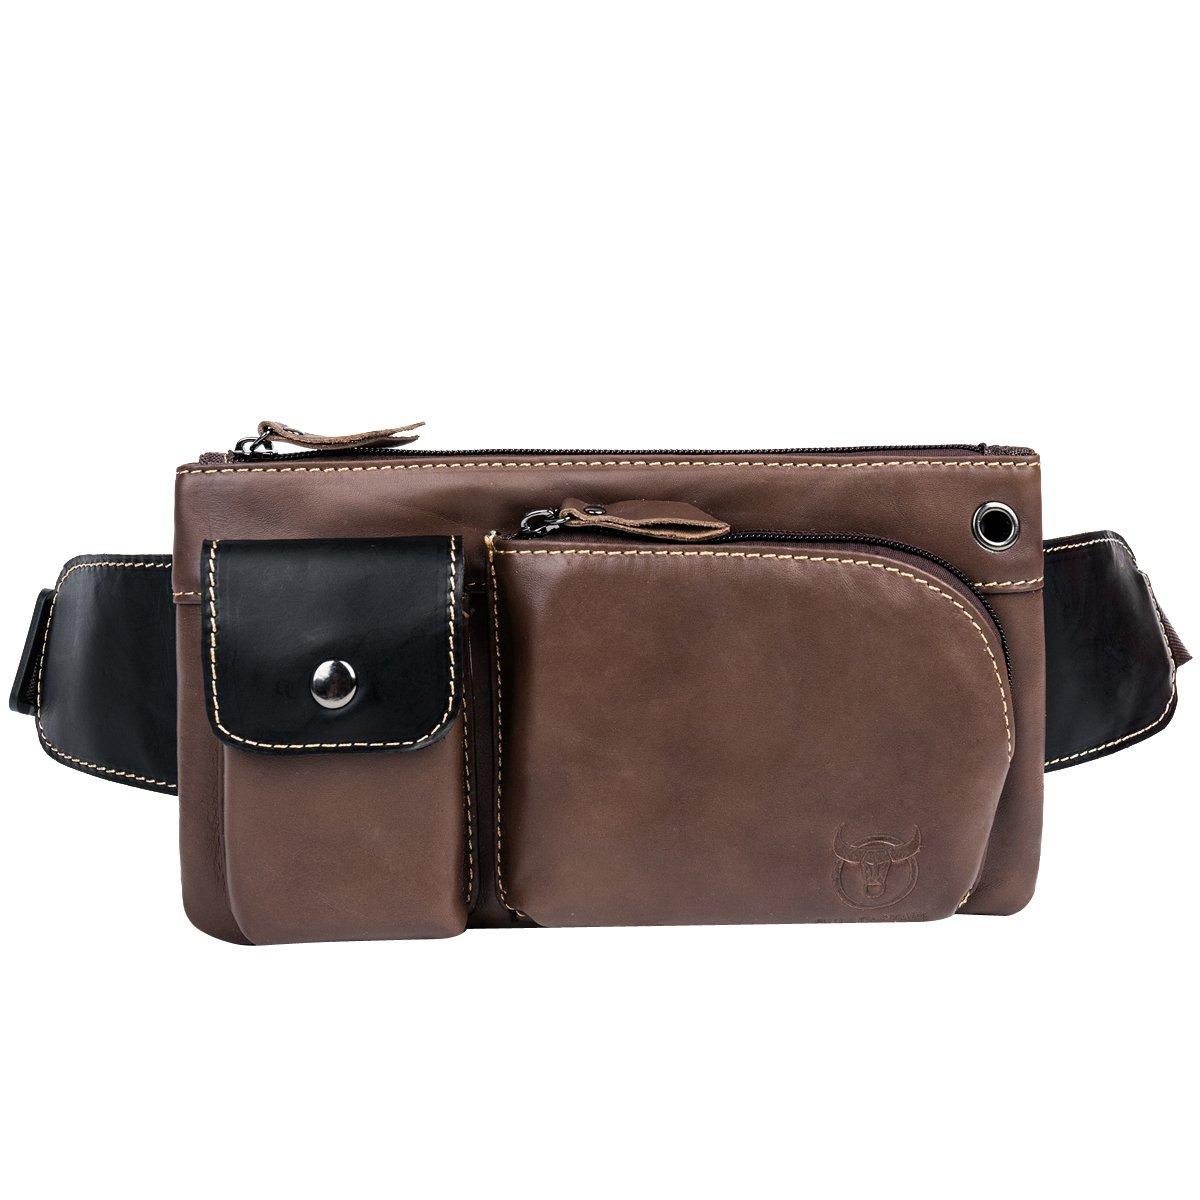 Leathario bolso bolsa riñonera diario y trabajo de cuero piel para hombres